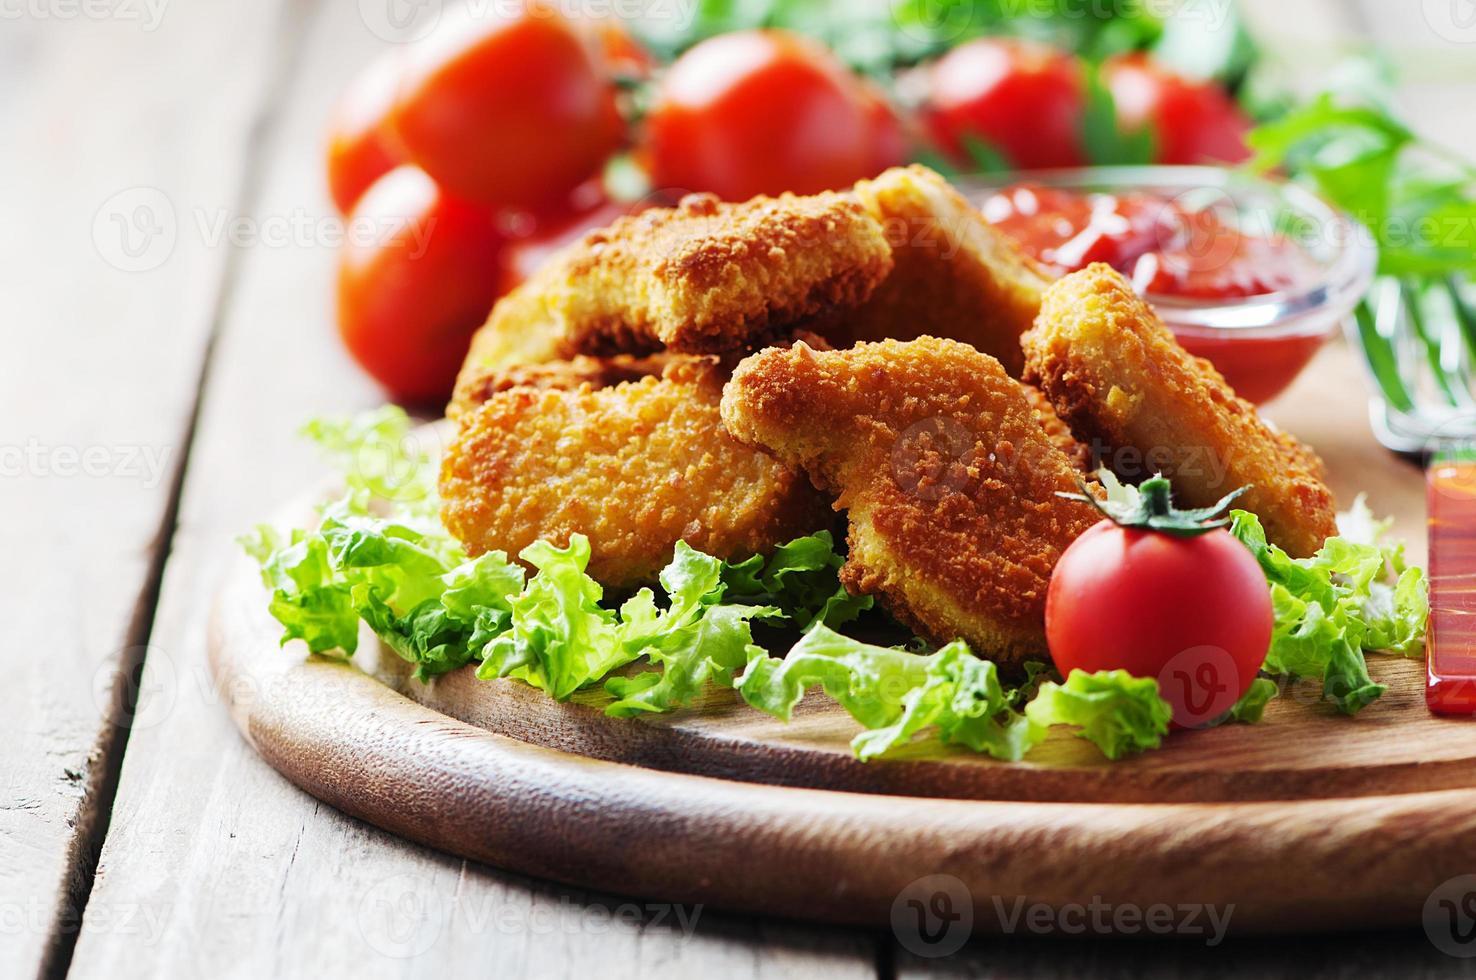 nuggets de frango em cima da mesa de madeira foto